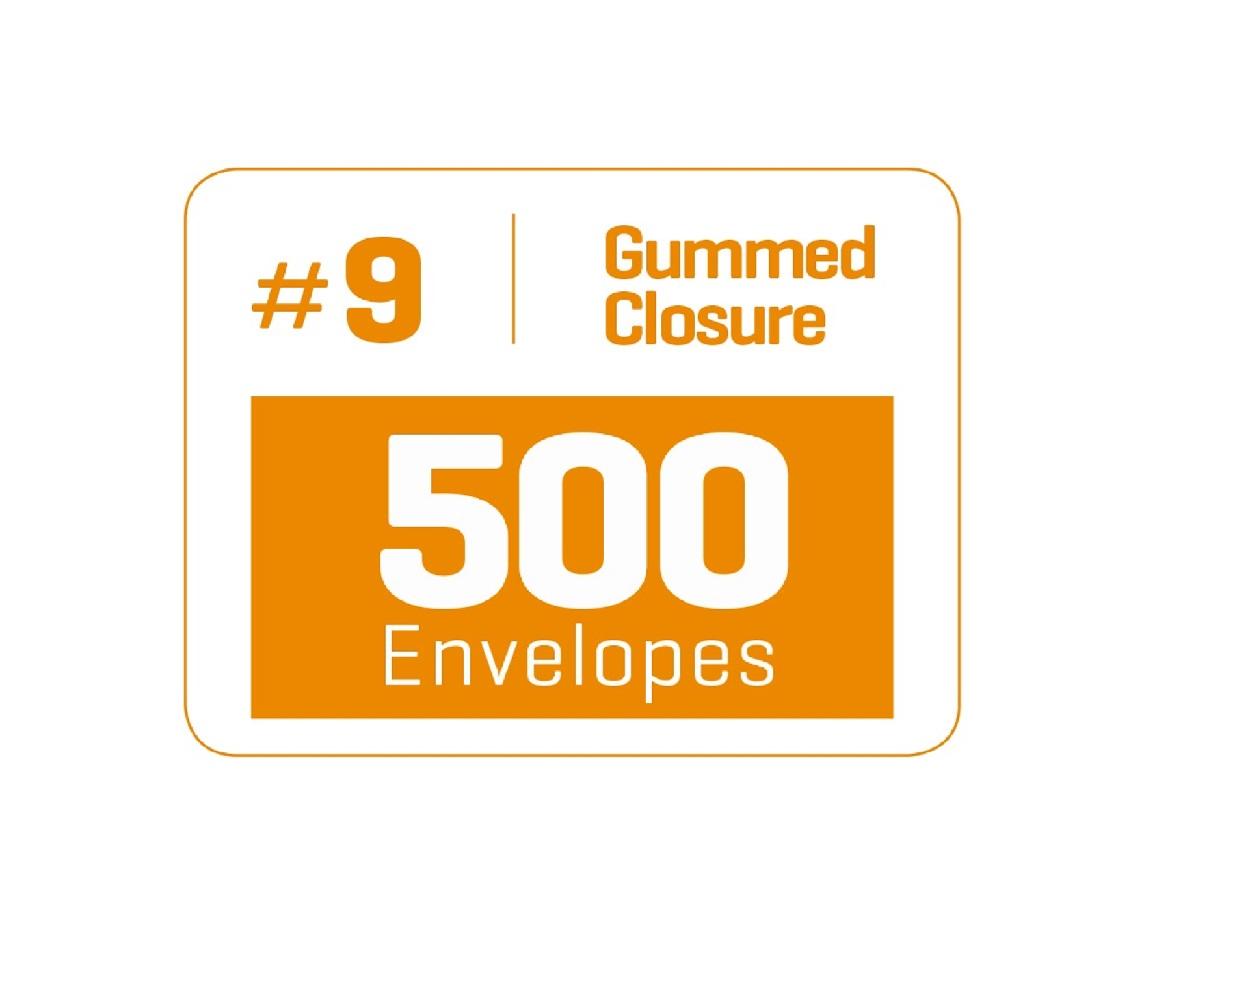 Quickbooks Invoice Envelopes Hardhostinfo - 9 invoice envelopes